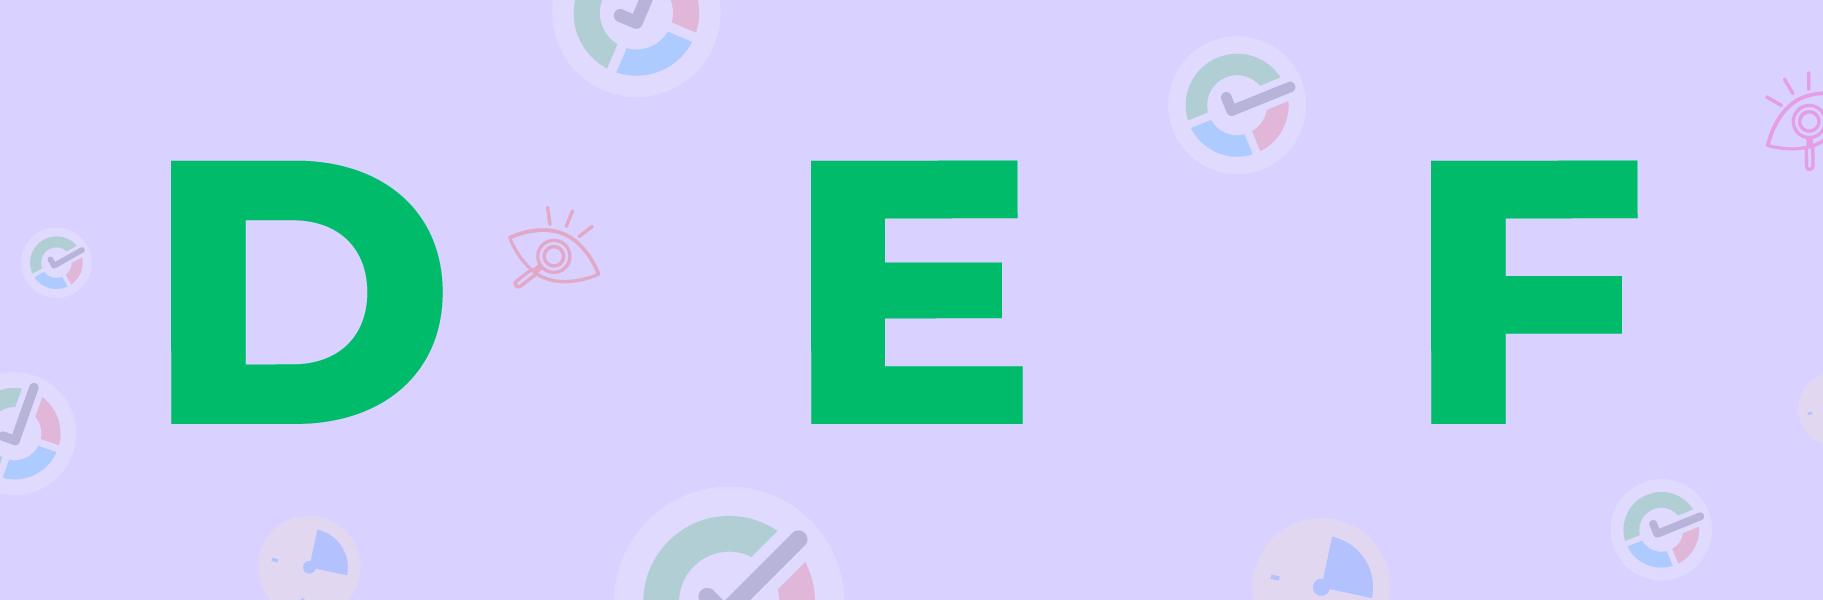 d e f letters image